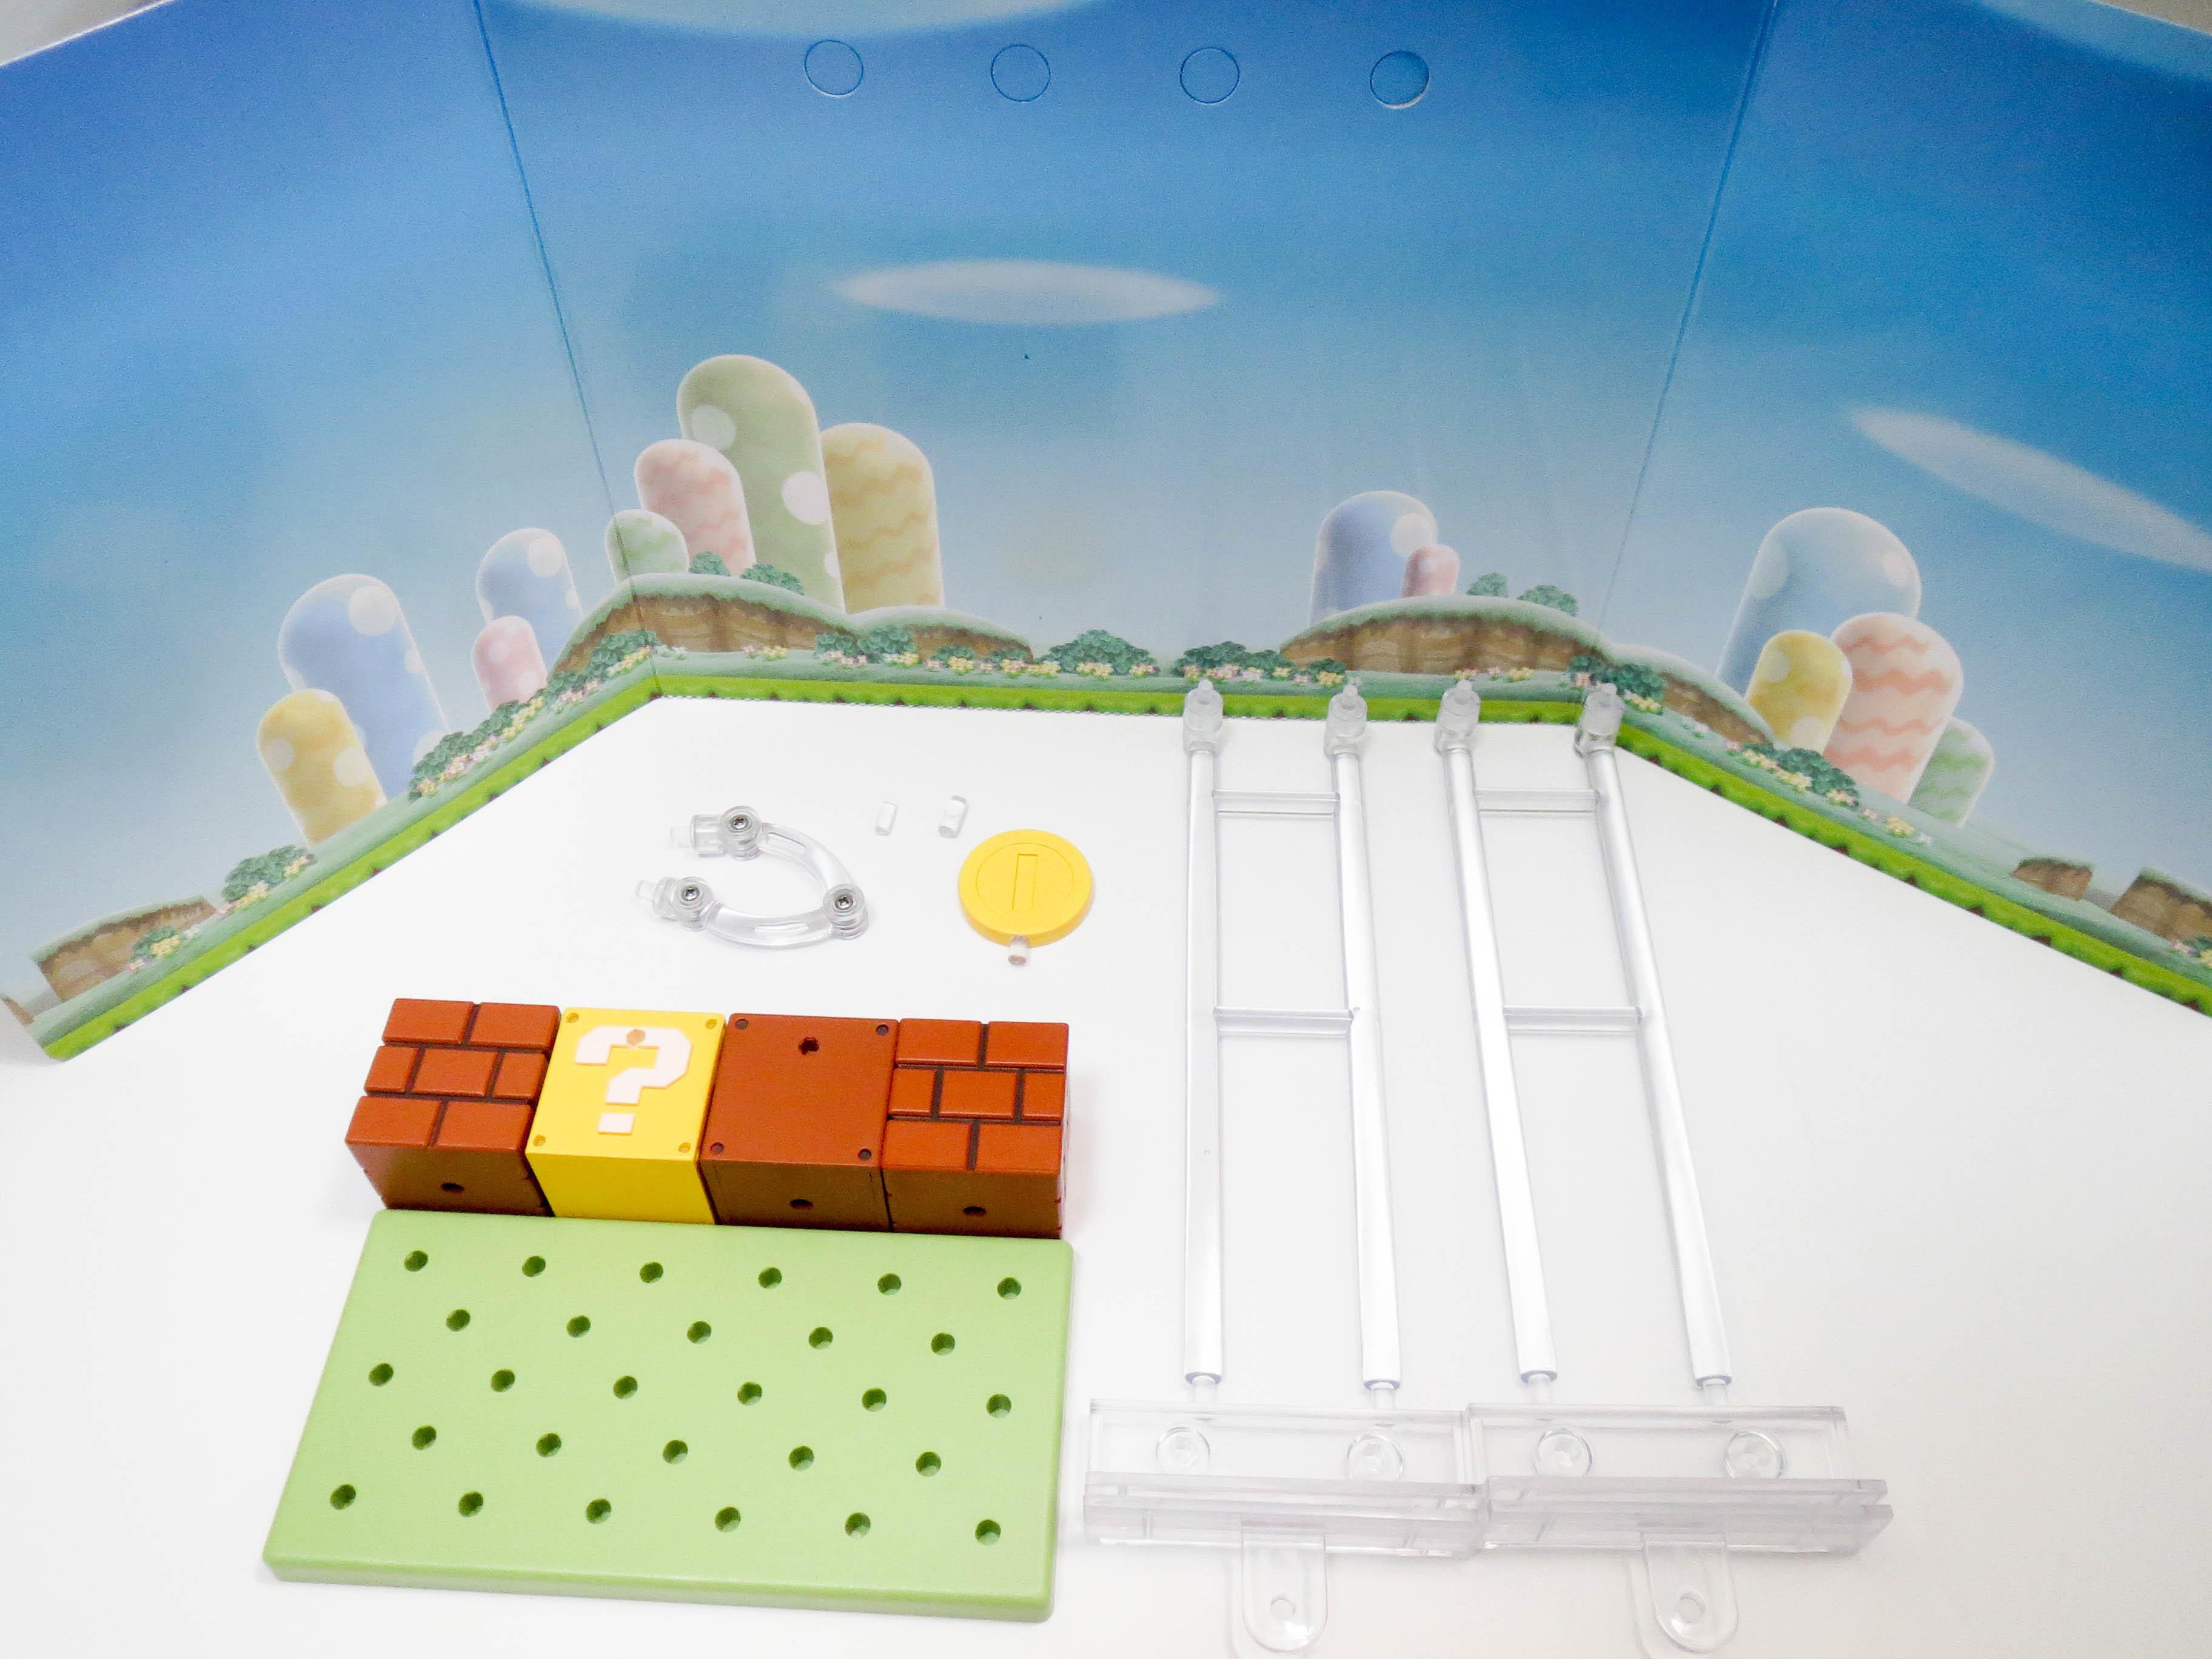 【SALE】【473】 マリオ 小物パーツ ブロックとコインと台座(再販版) ねんどろいど